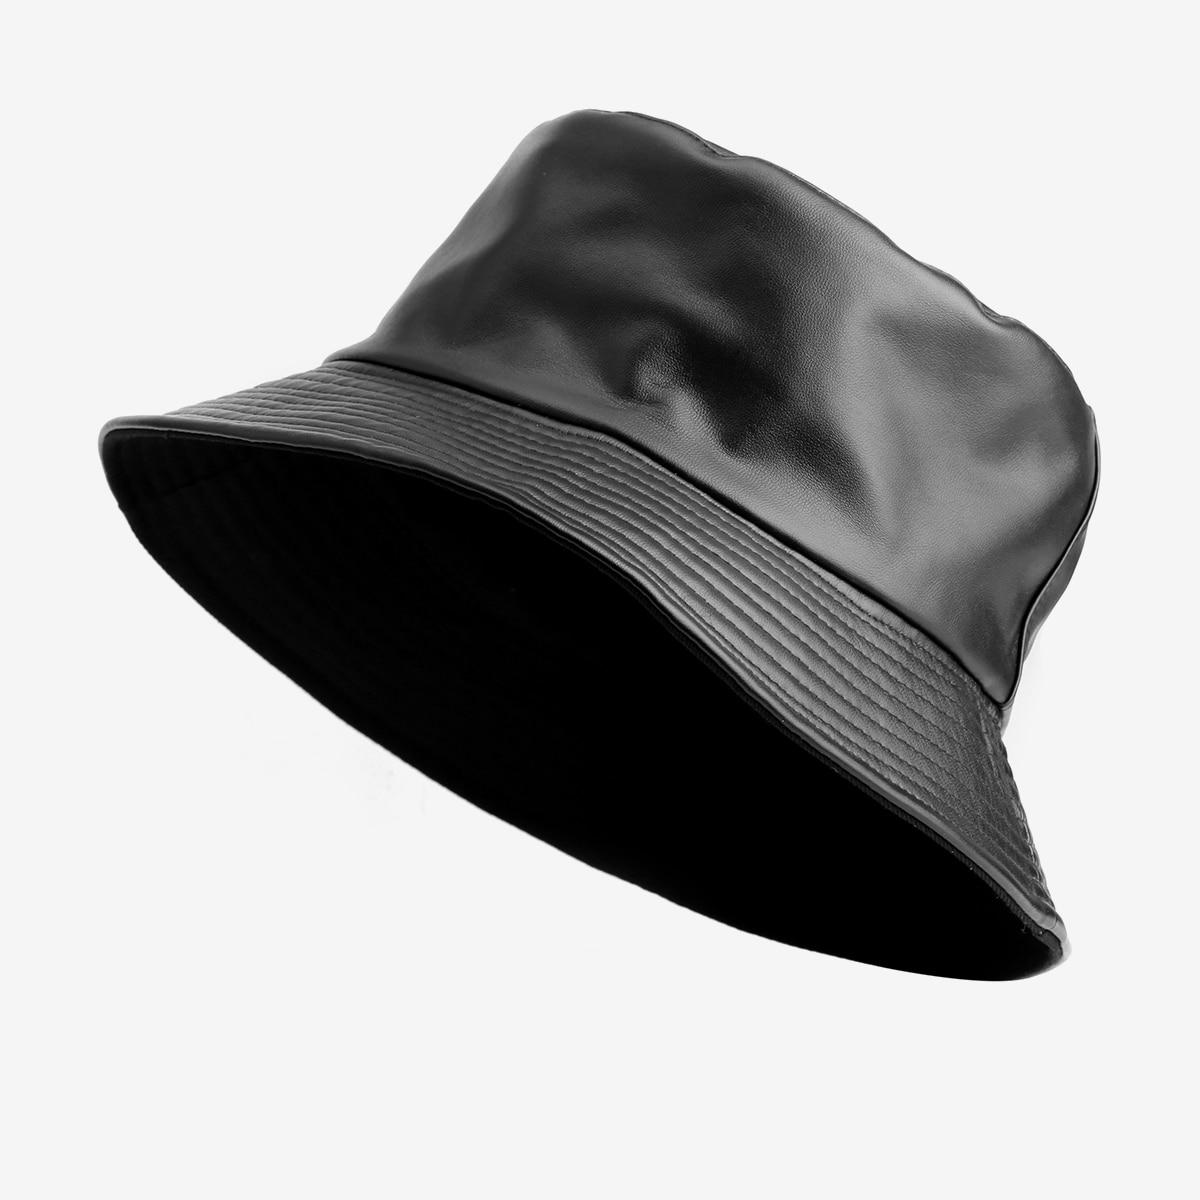 Панама Мужская/для мальчиков, двусторонняя хлопковая плетеная Рыбацкая шапка, однотонная черная из искусственной кожи, с защитой от солнца,...